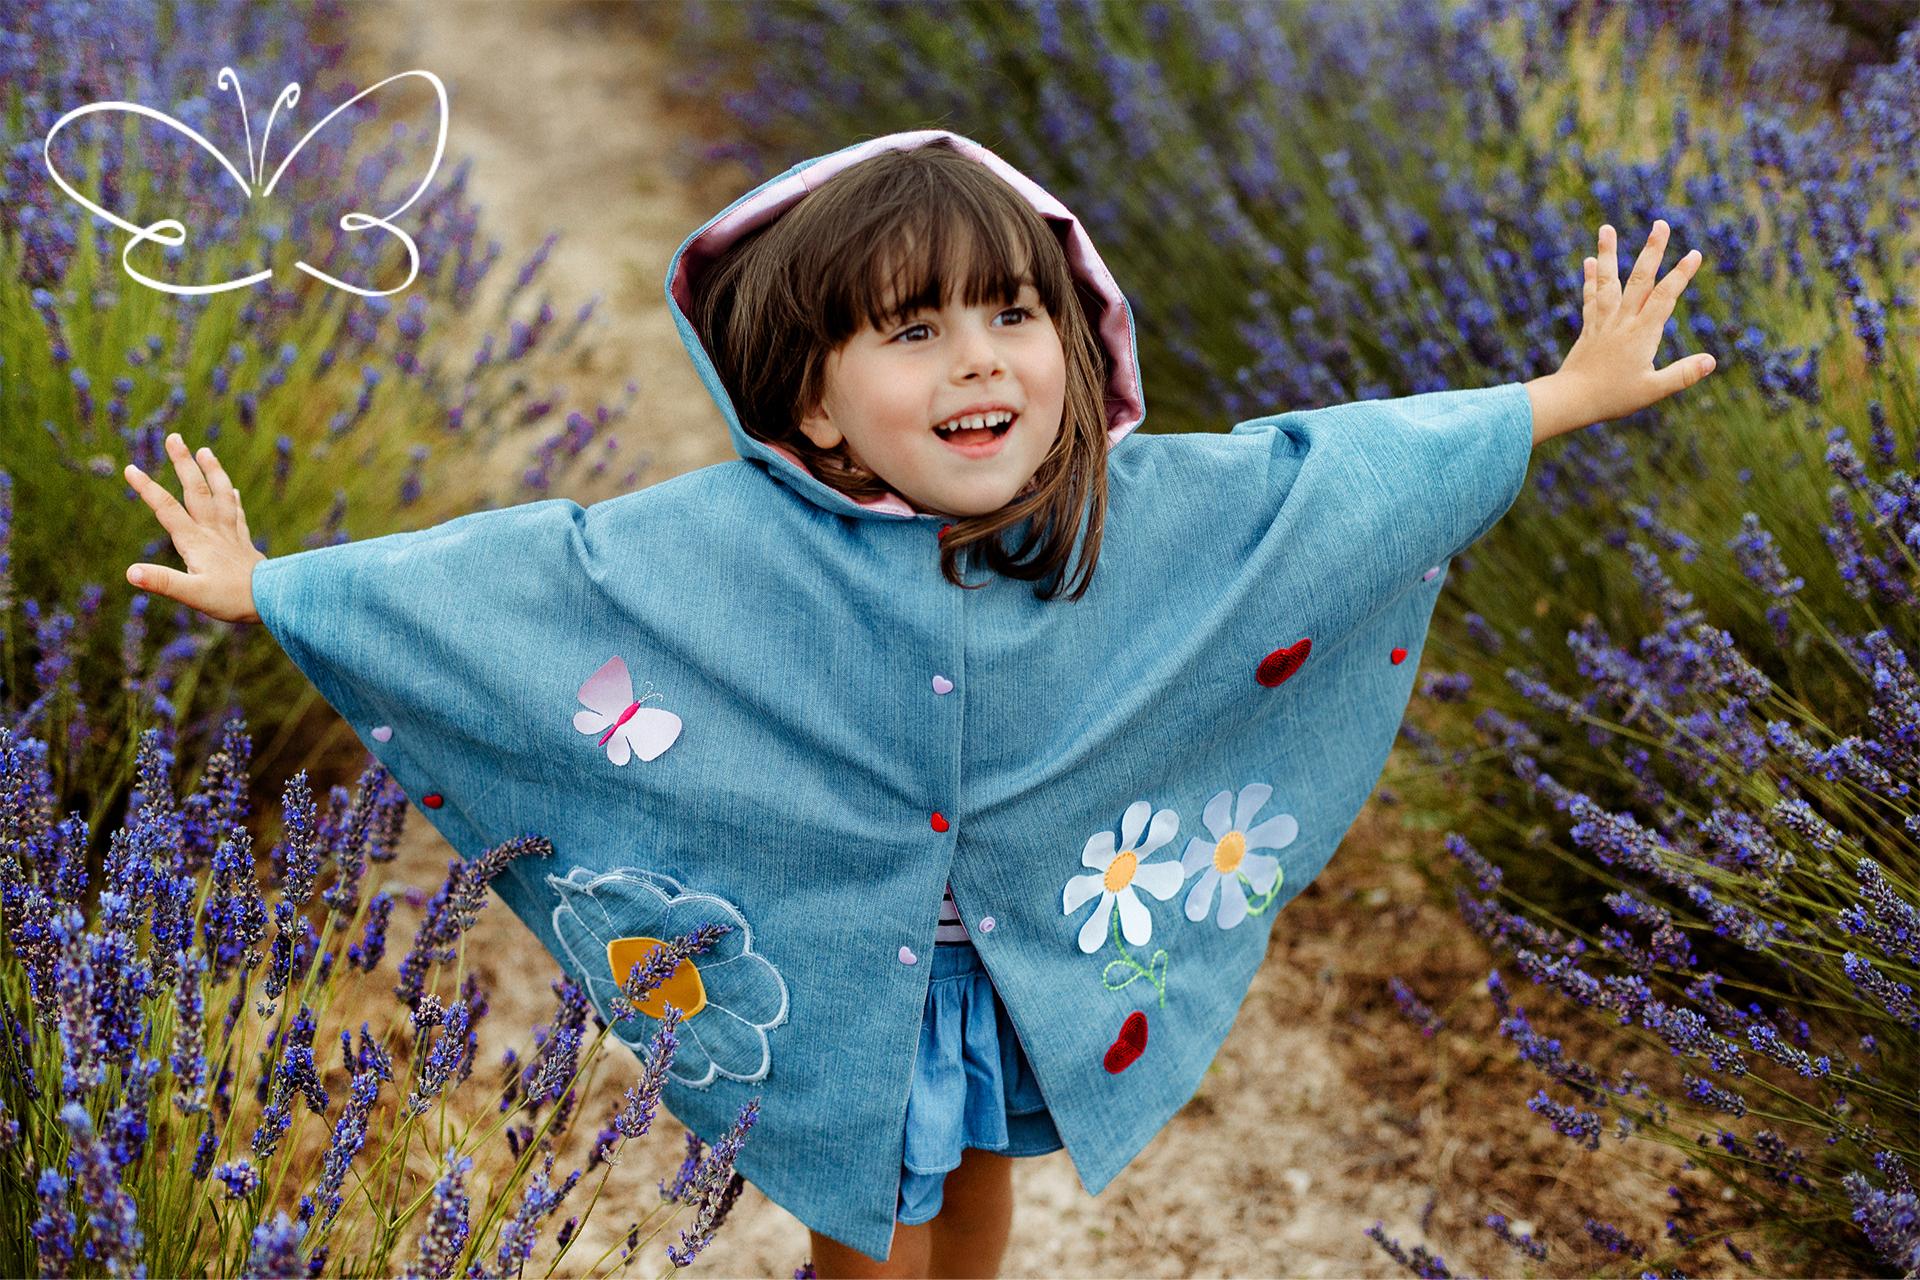 mantellina da bambina in jeans Giulia Mantelline